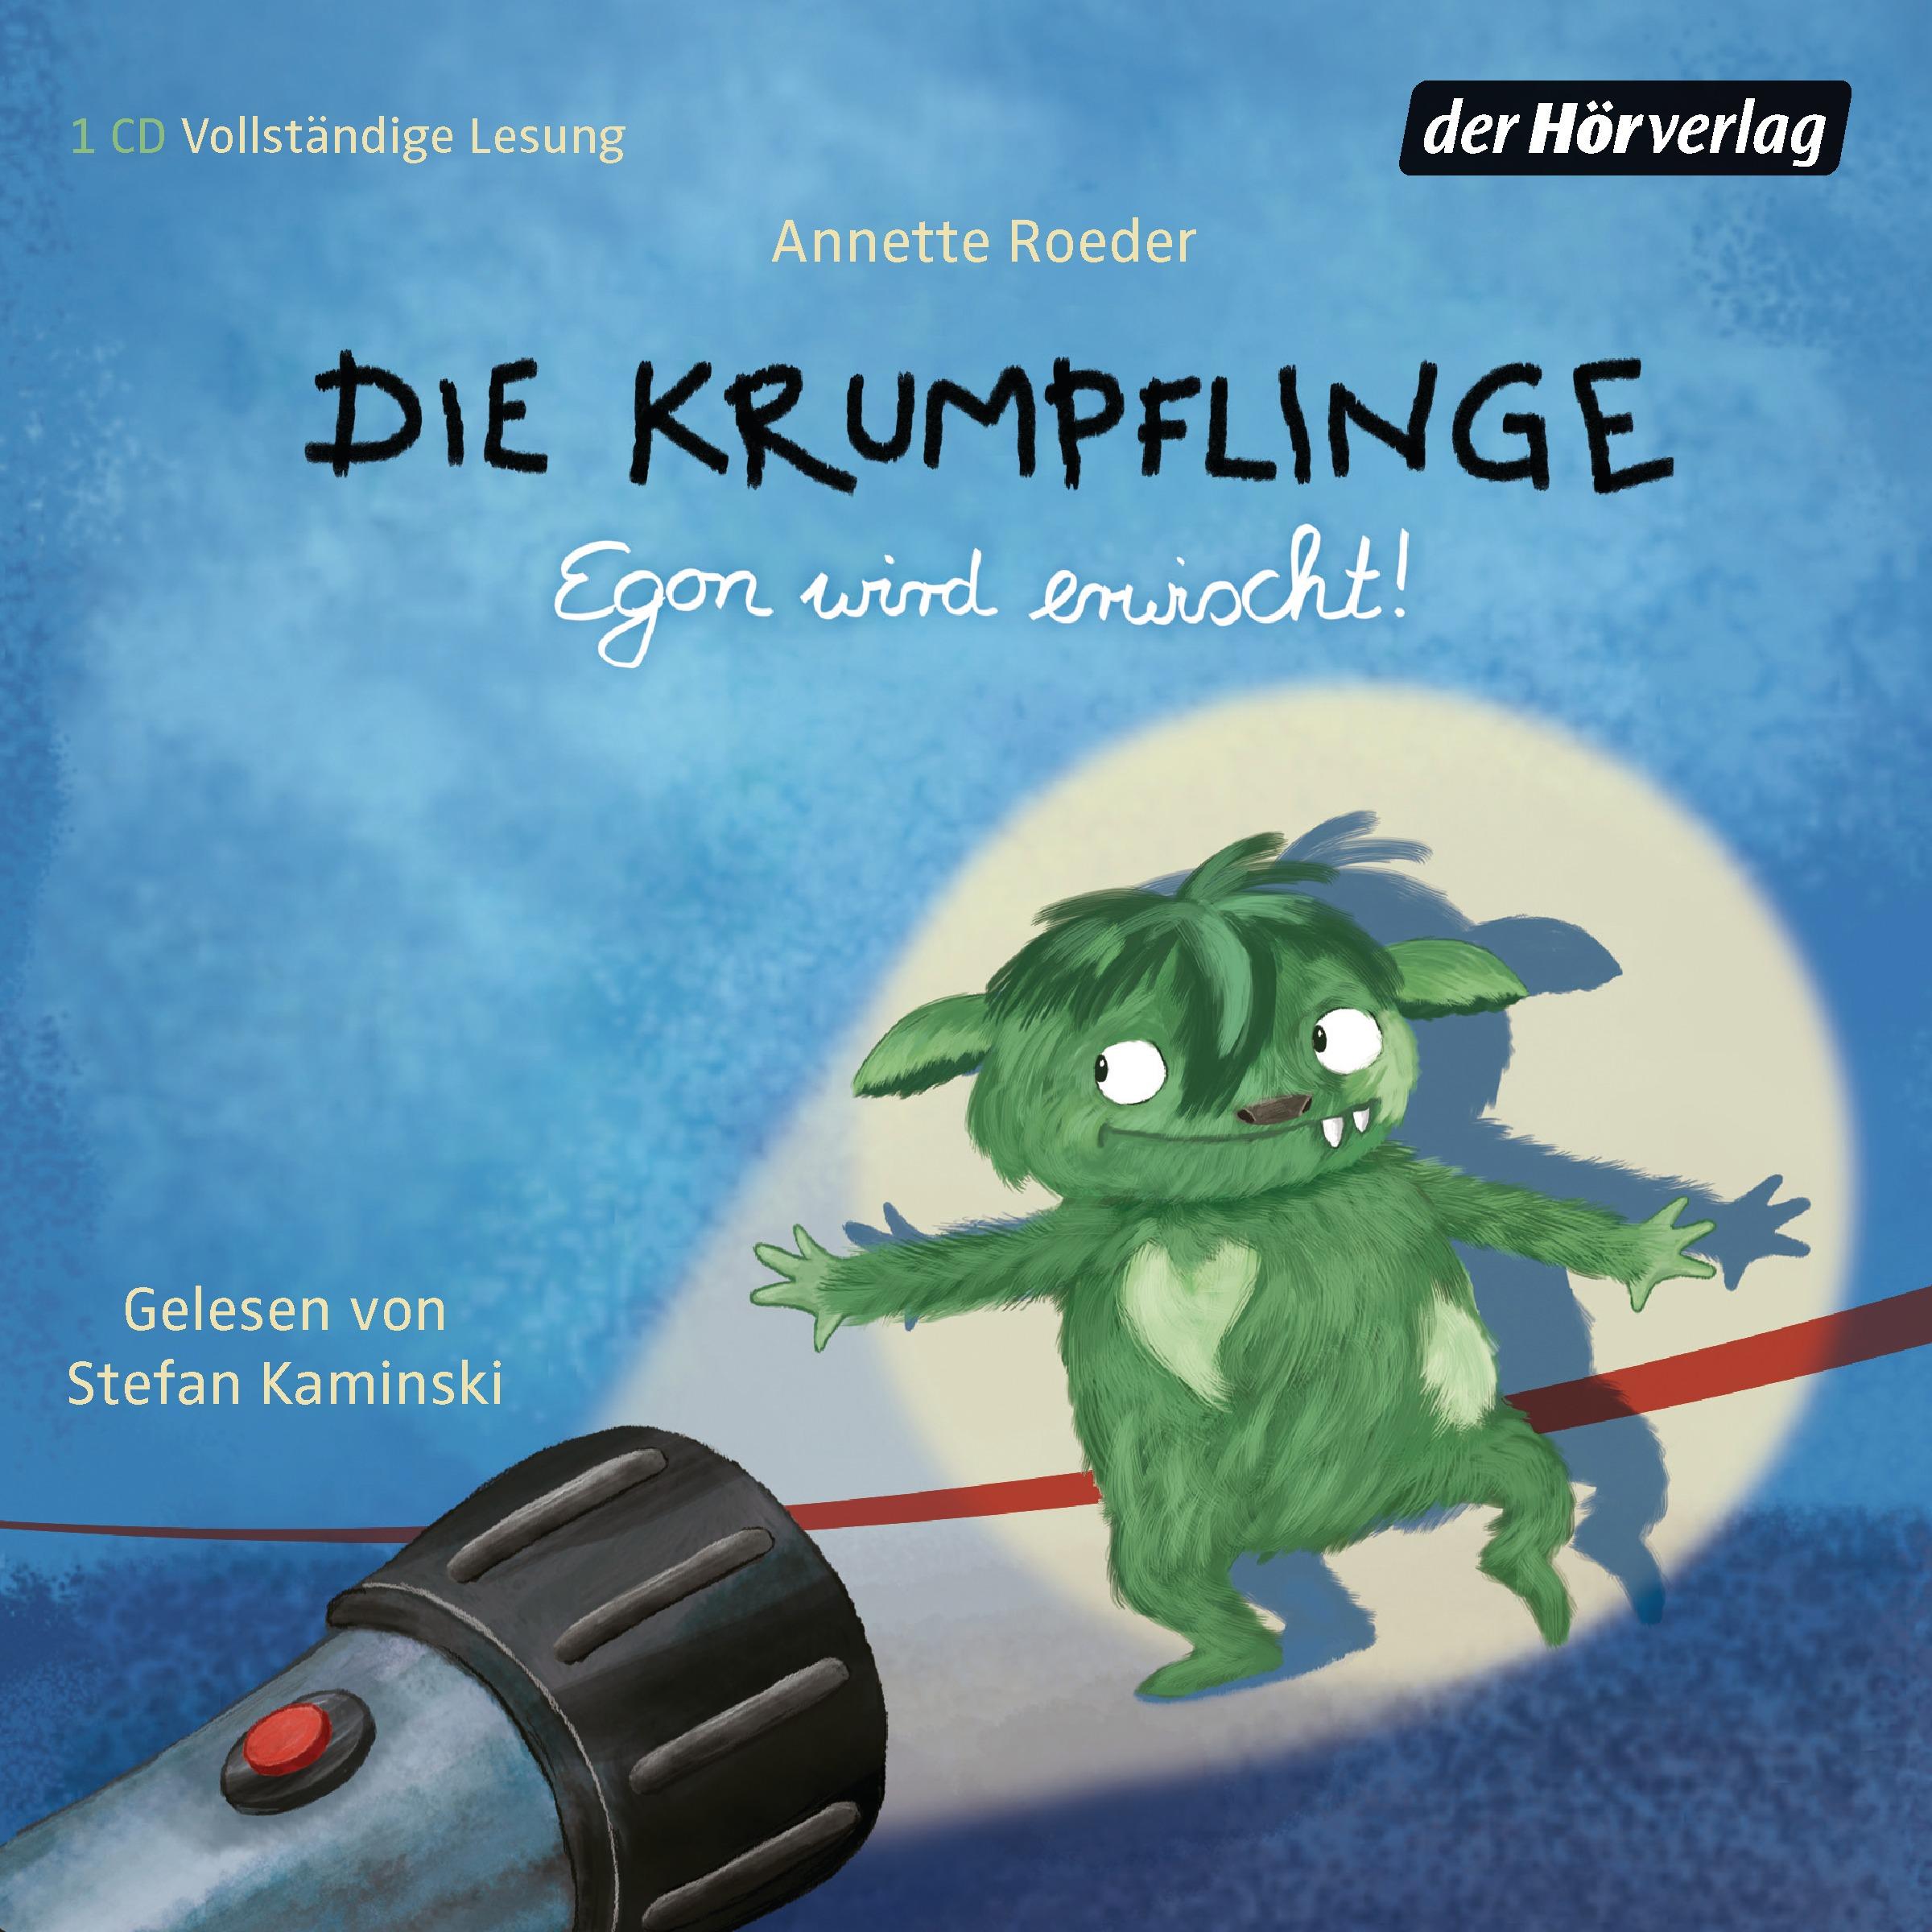 Die Krumpflinge: Folge 2 - Egon wird erwischt! - Annette Roeder